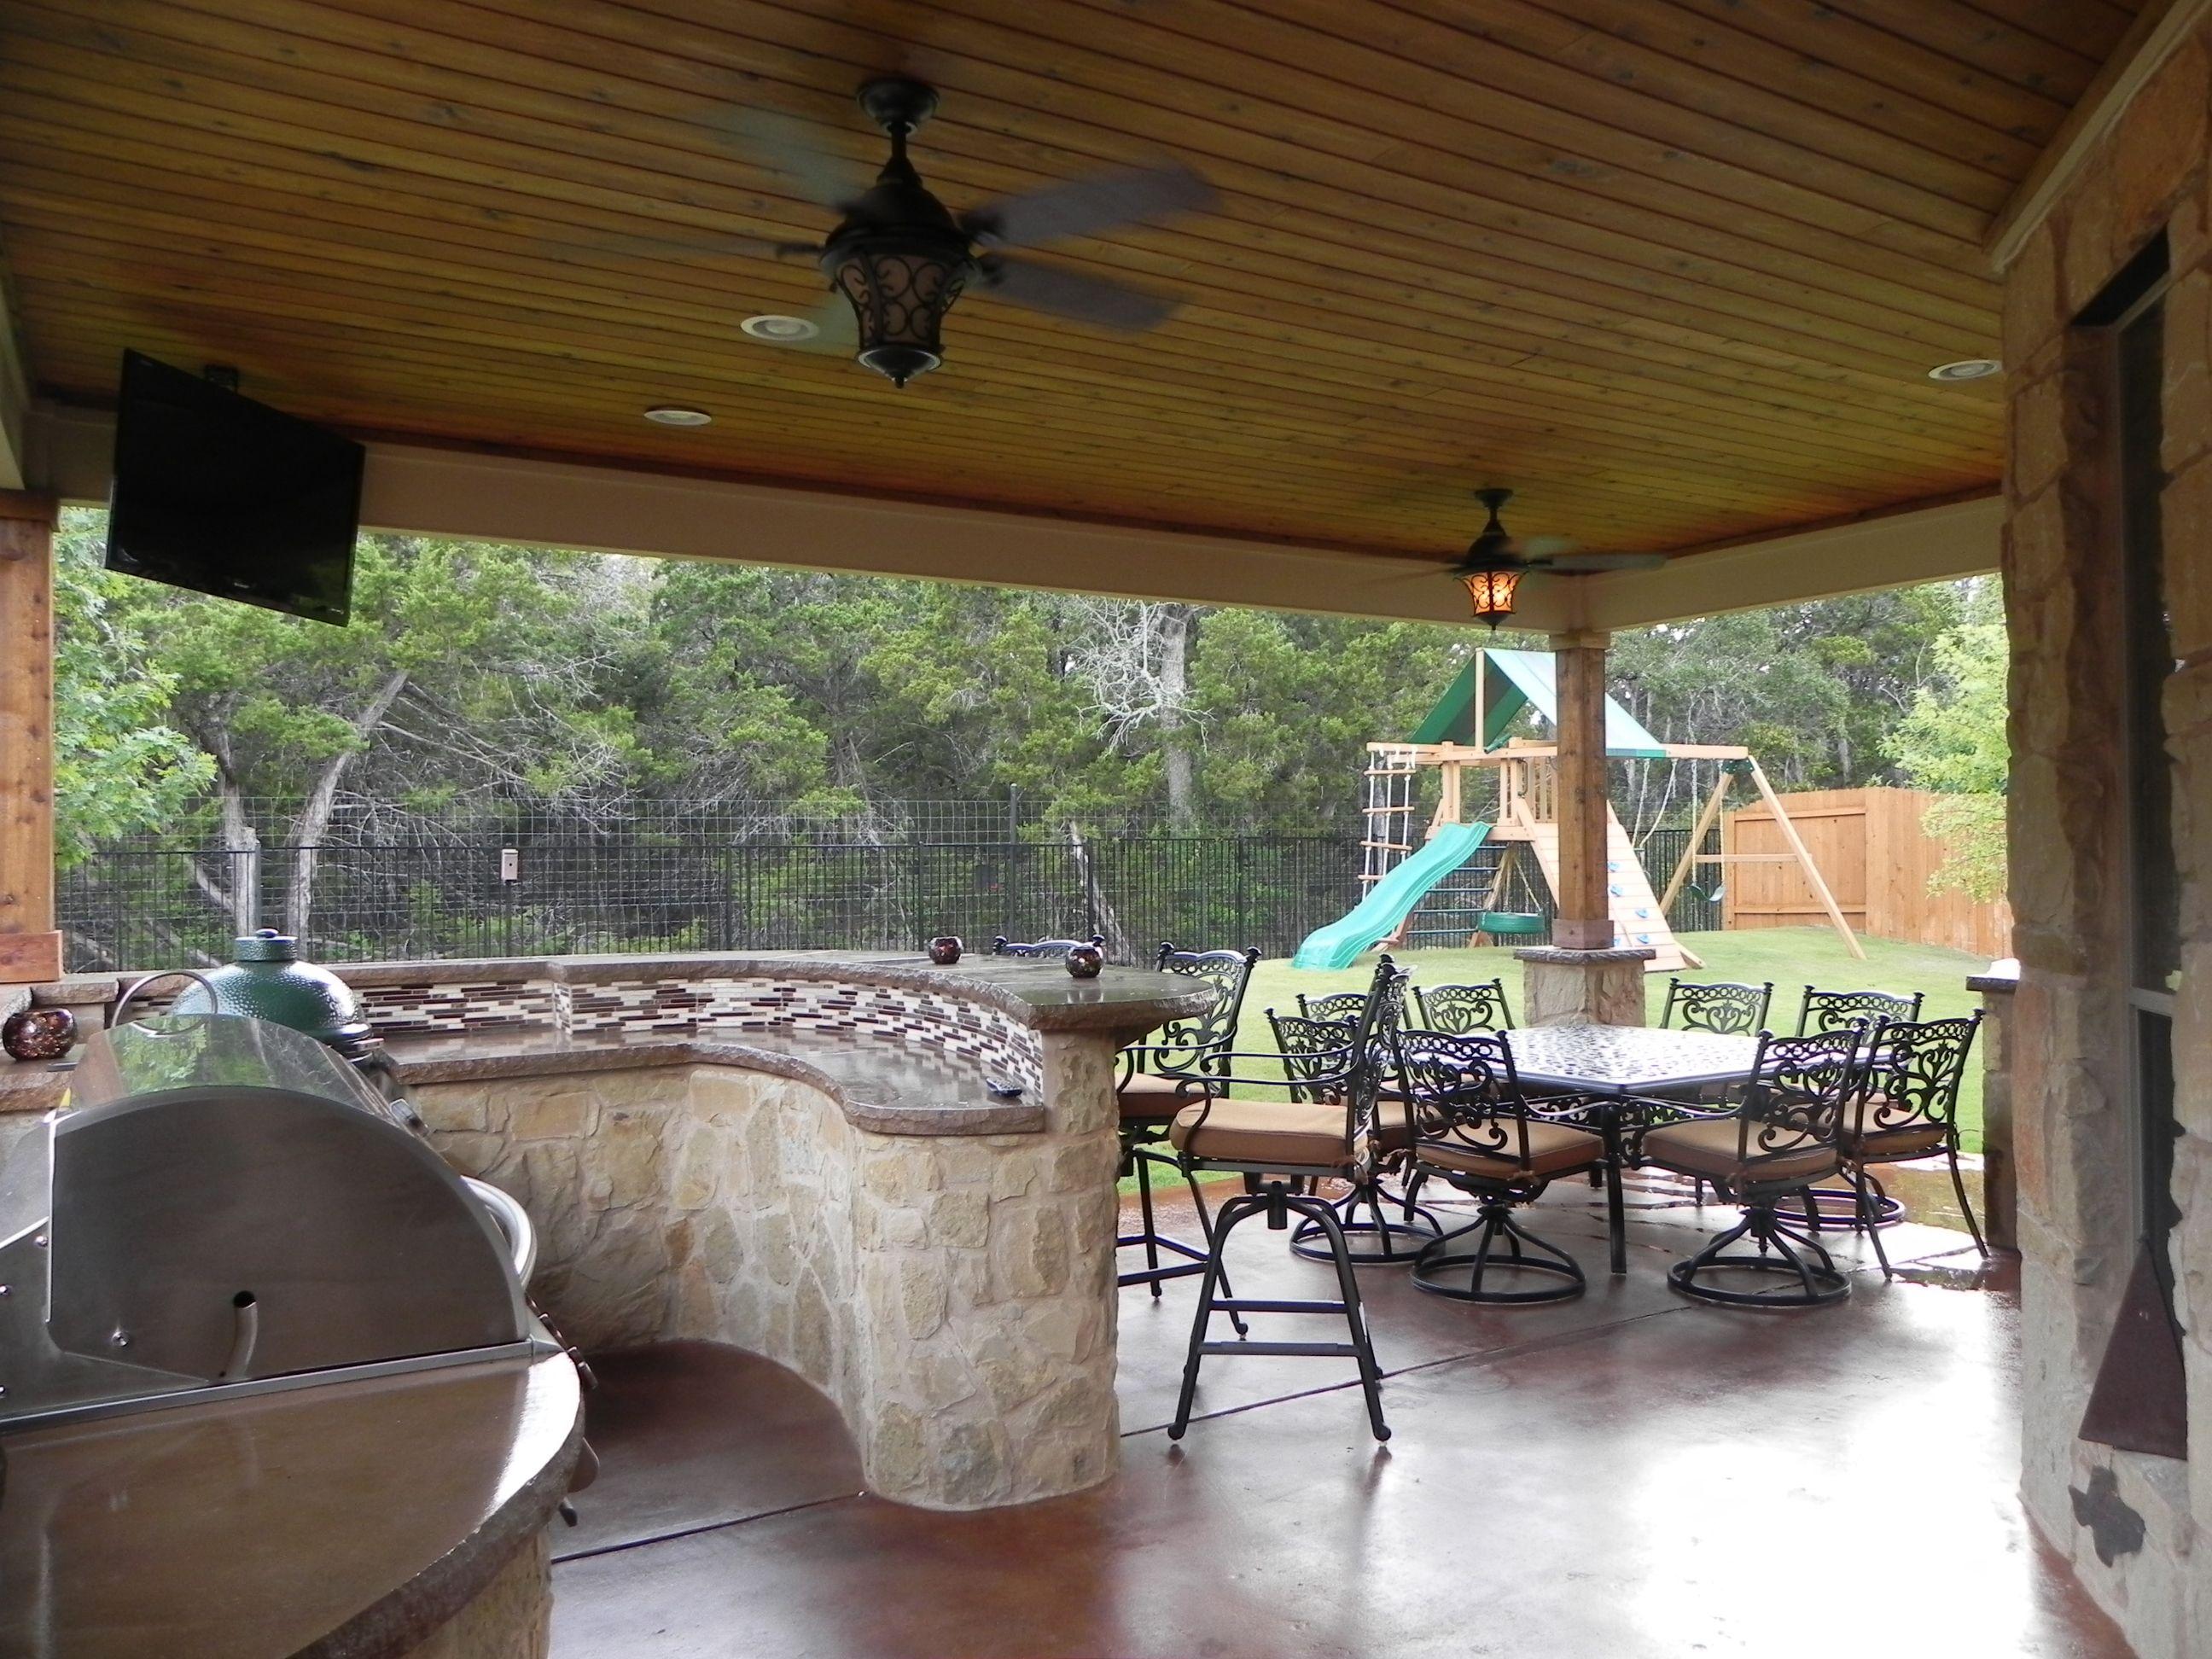 austin tx outdoor kitchen builder outdoor kitchen kitchen builder outdoor living space on outdoor kitchen and living space id=15171